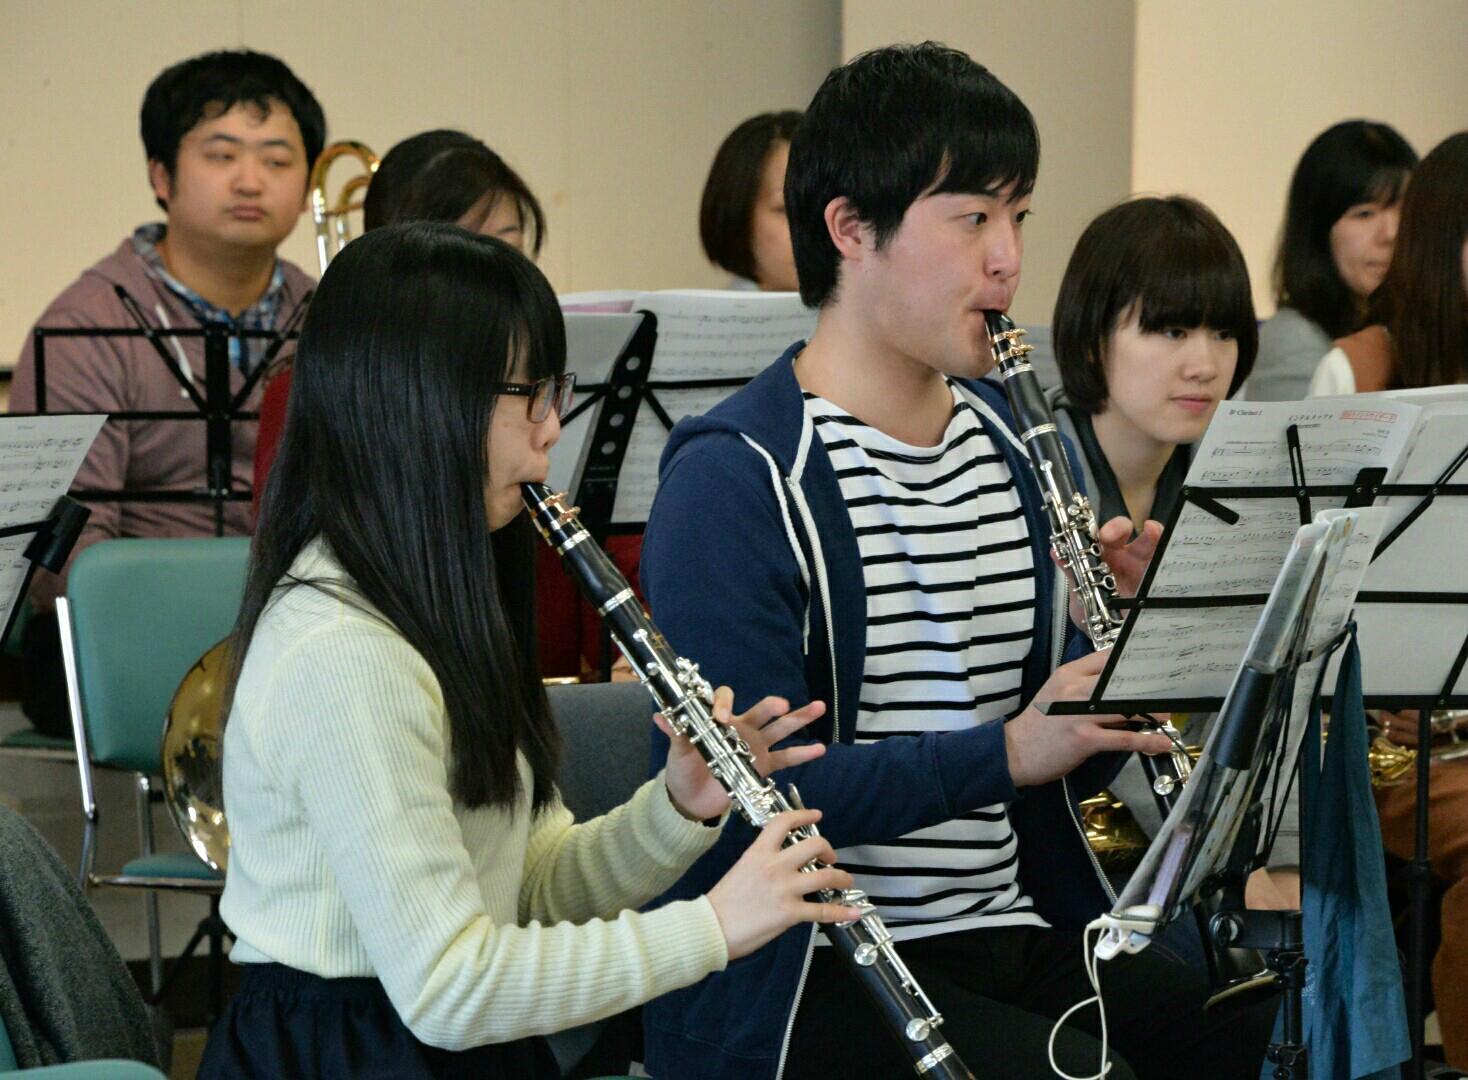 横浜市の一般吹奏楽 バスクラリネット募集中!